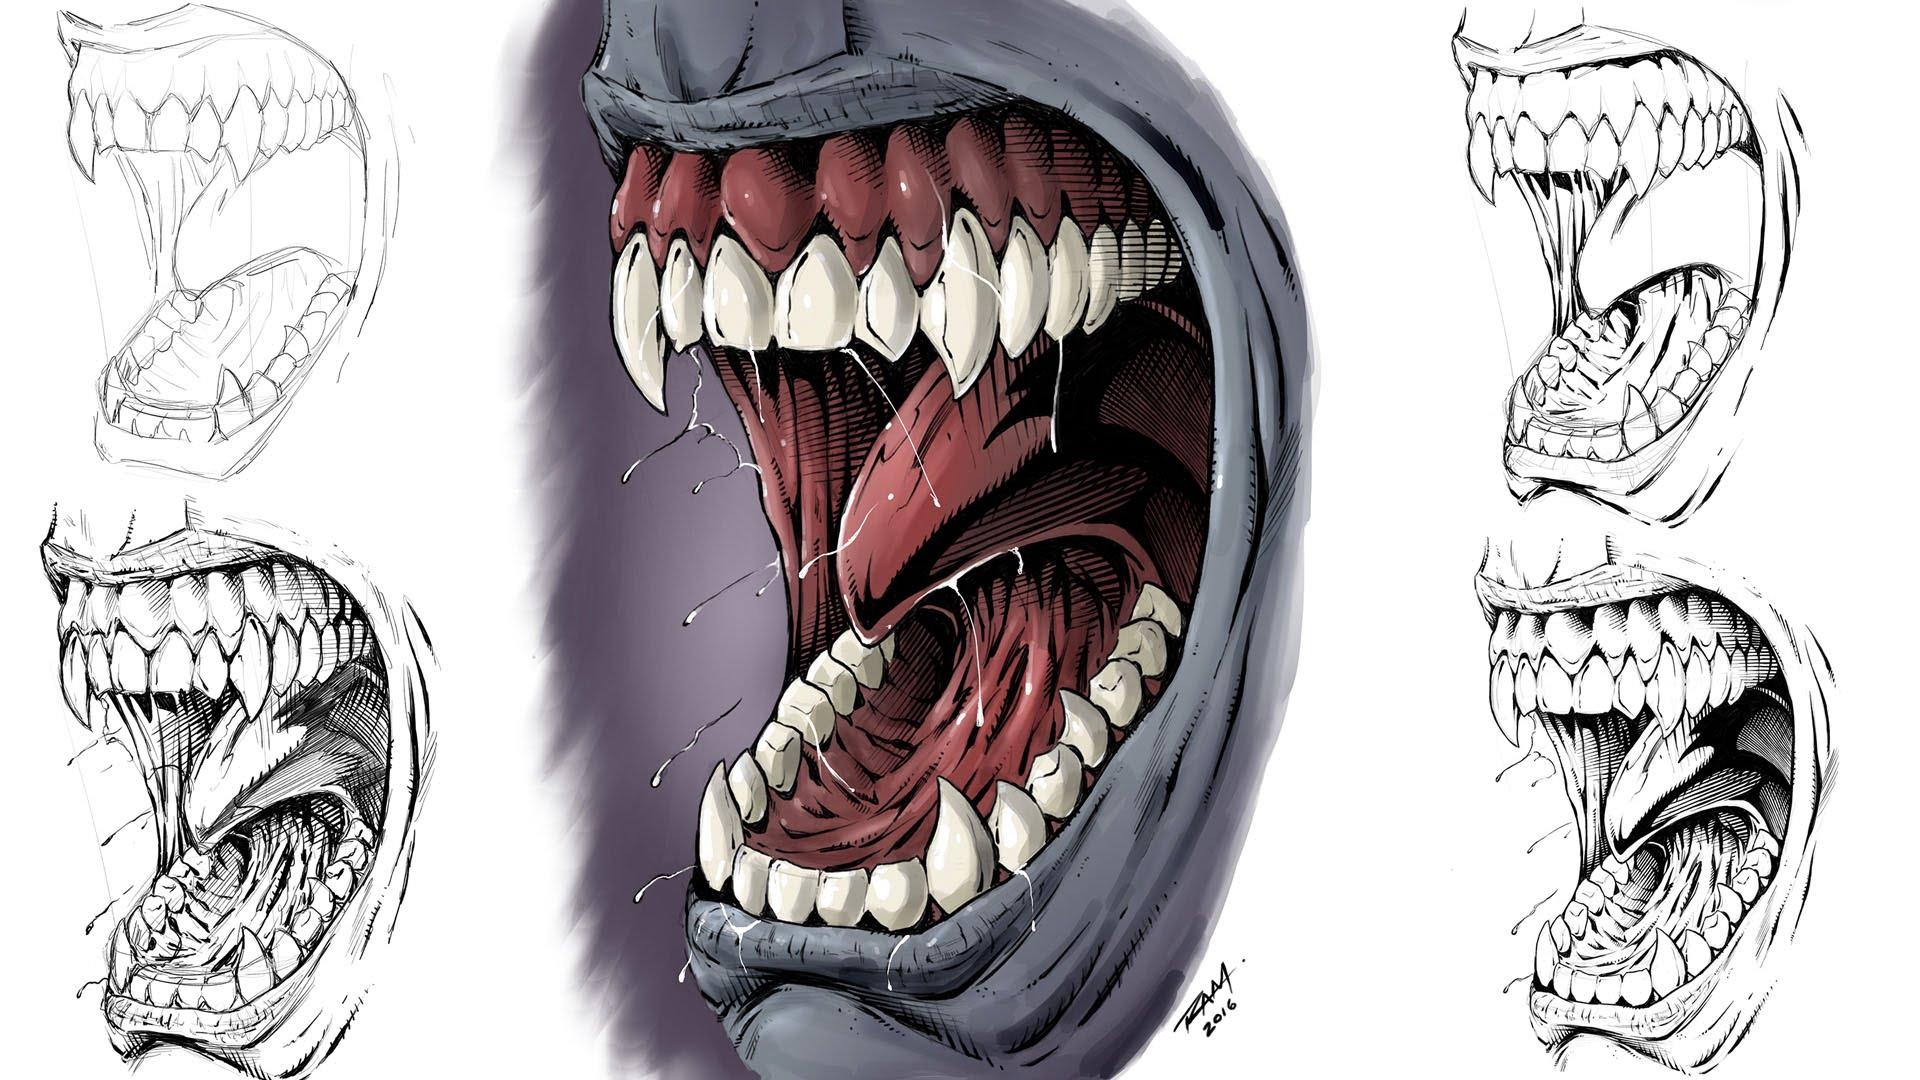 1920x1080 Monster Teeth